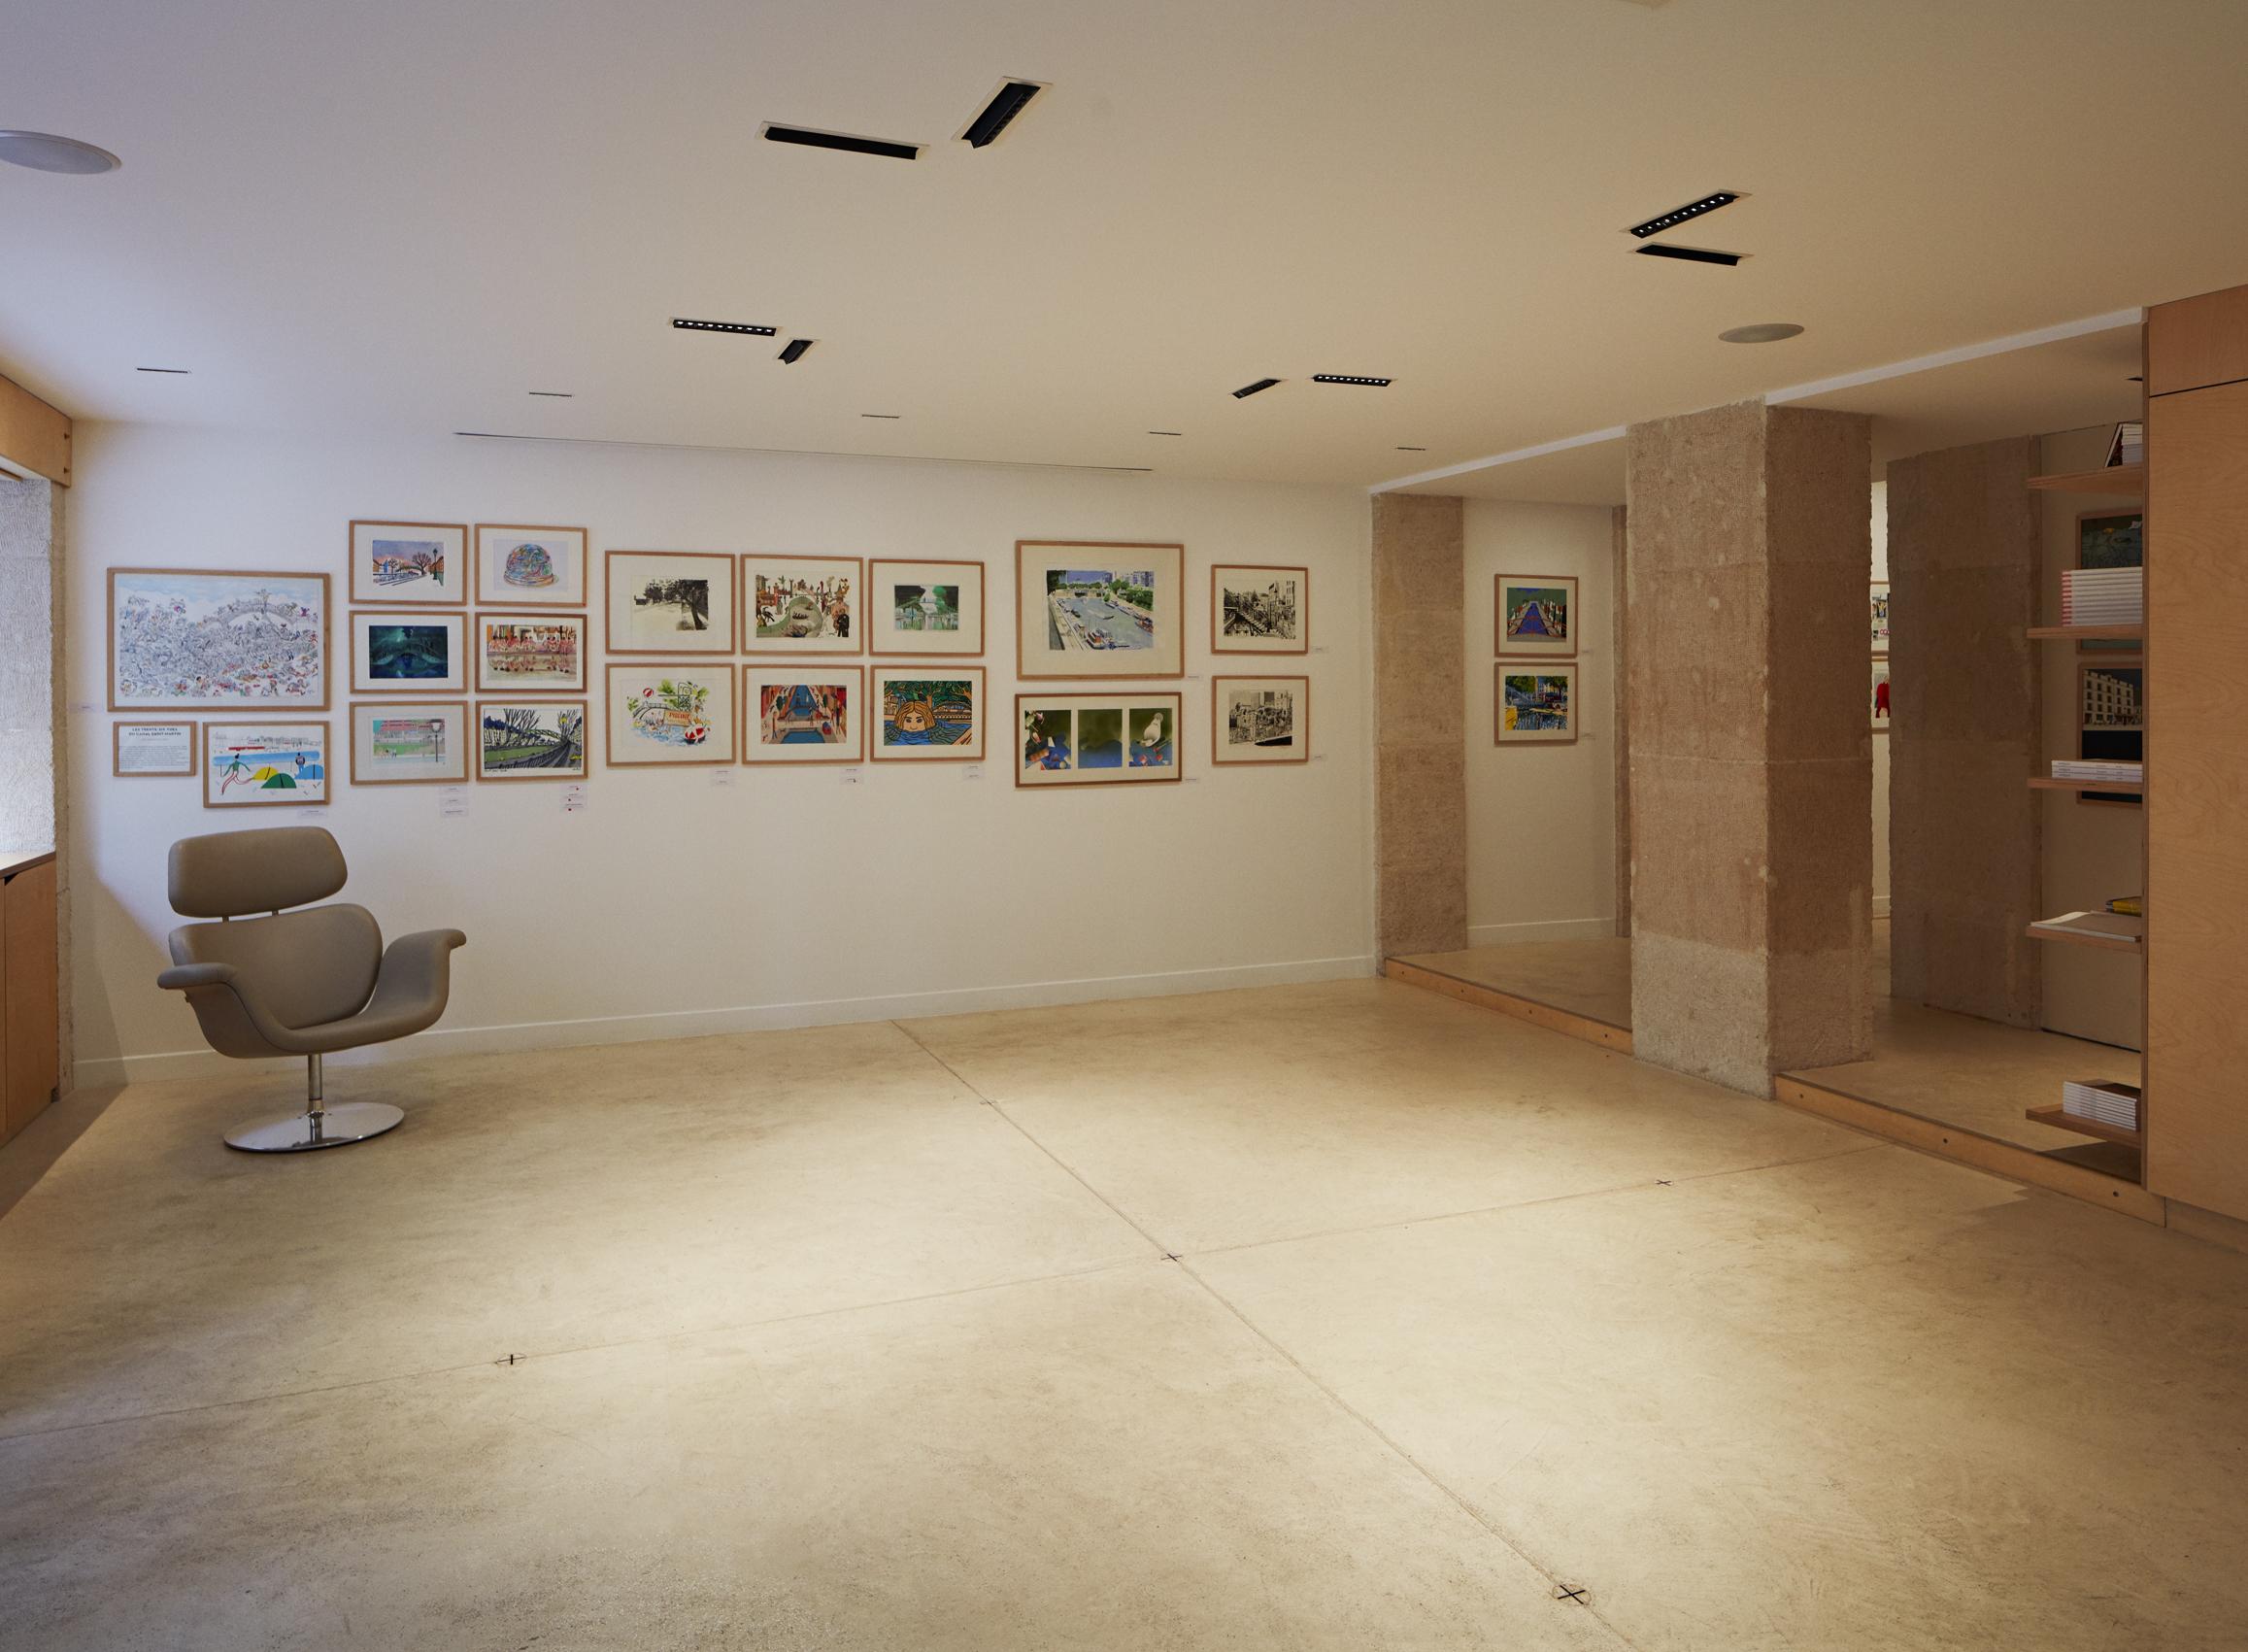 Atelier van Wassenhove_Galerie Le Treize Dix_06 ©Aurélien Chauvaud